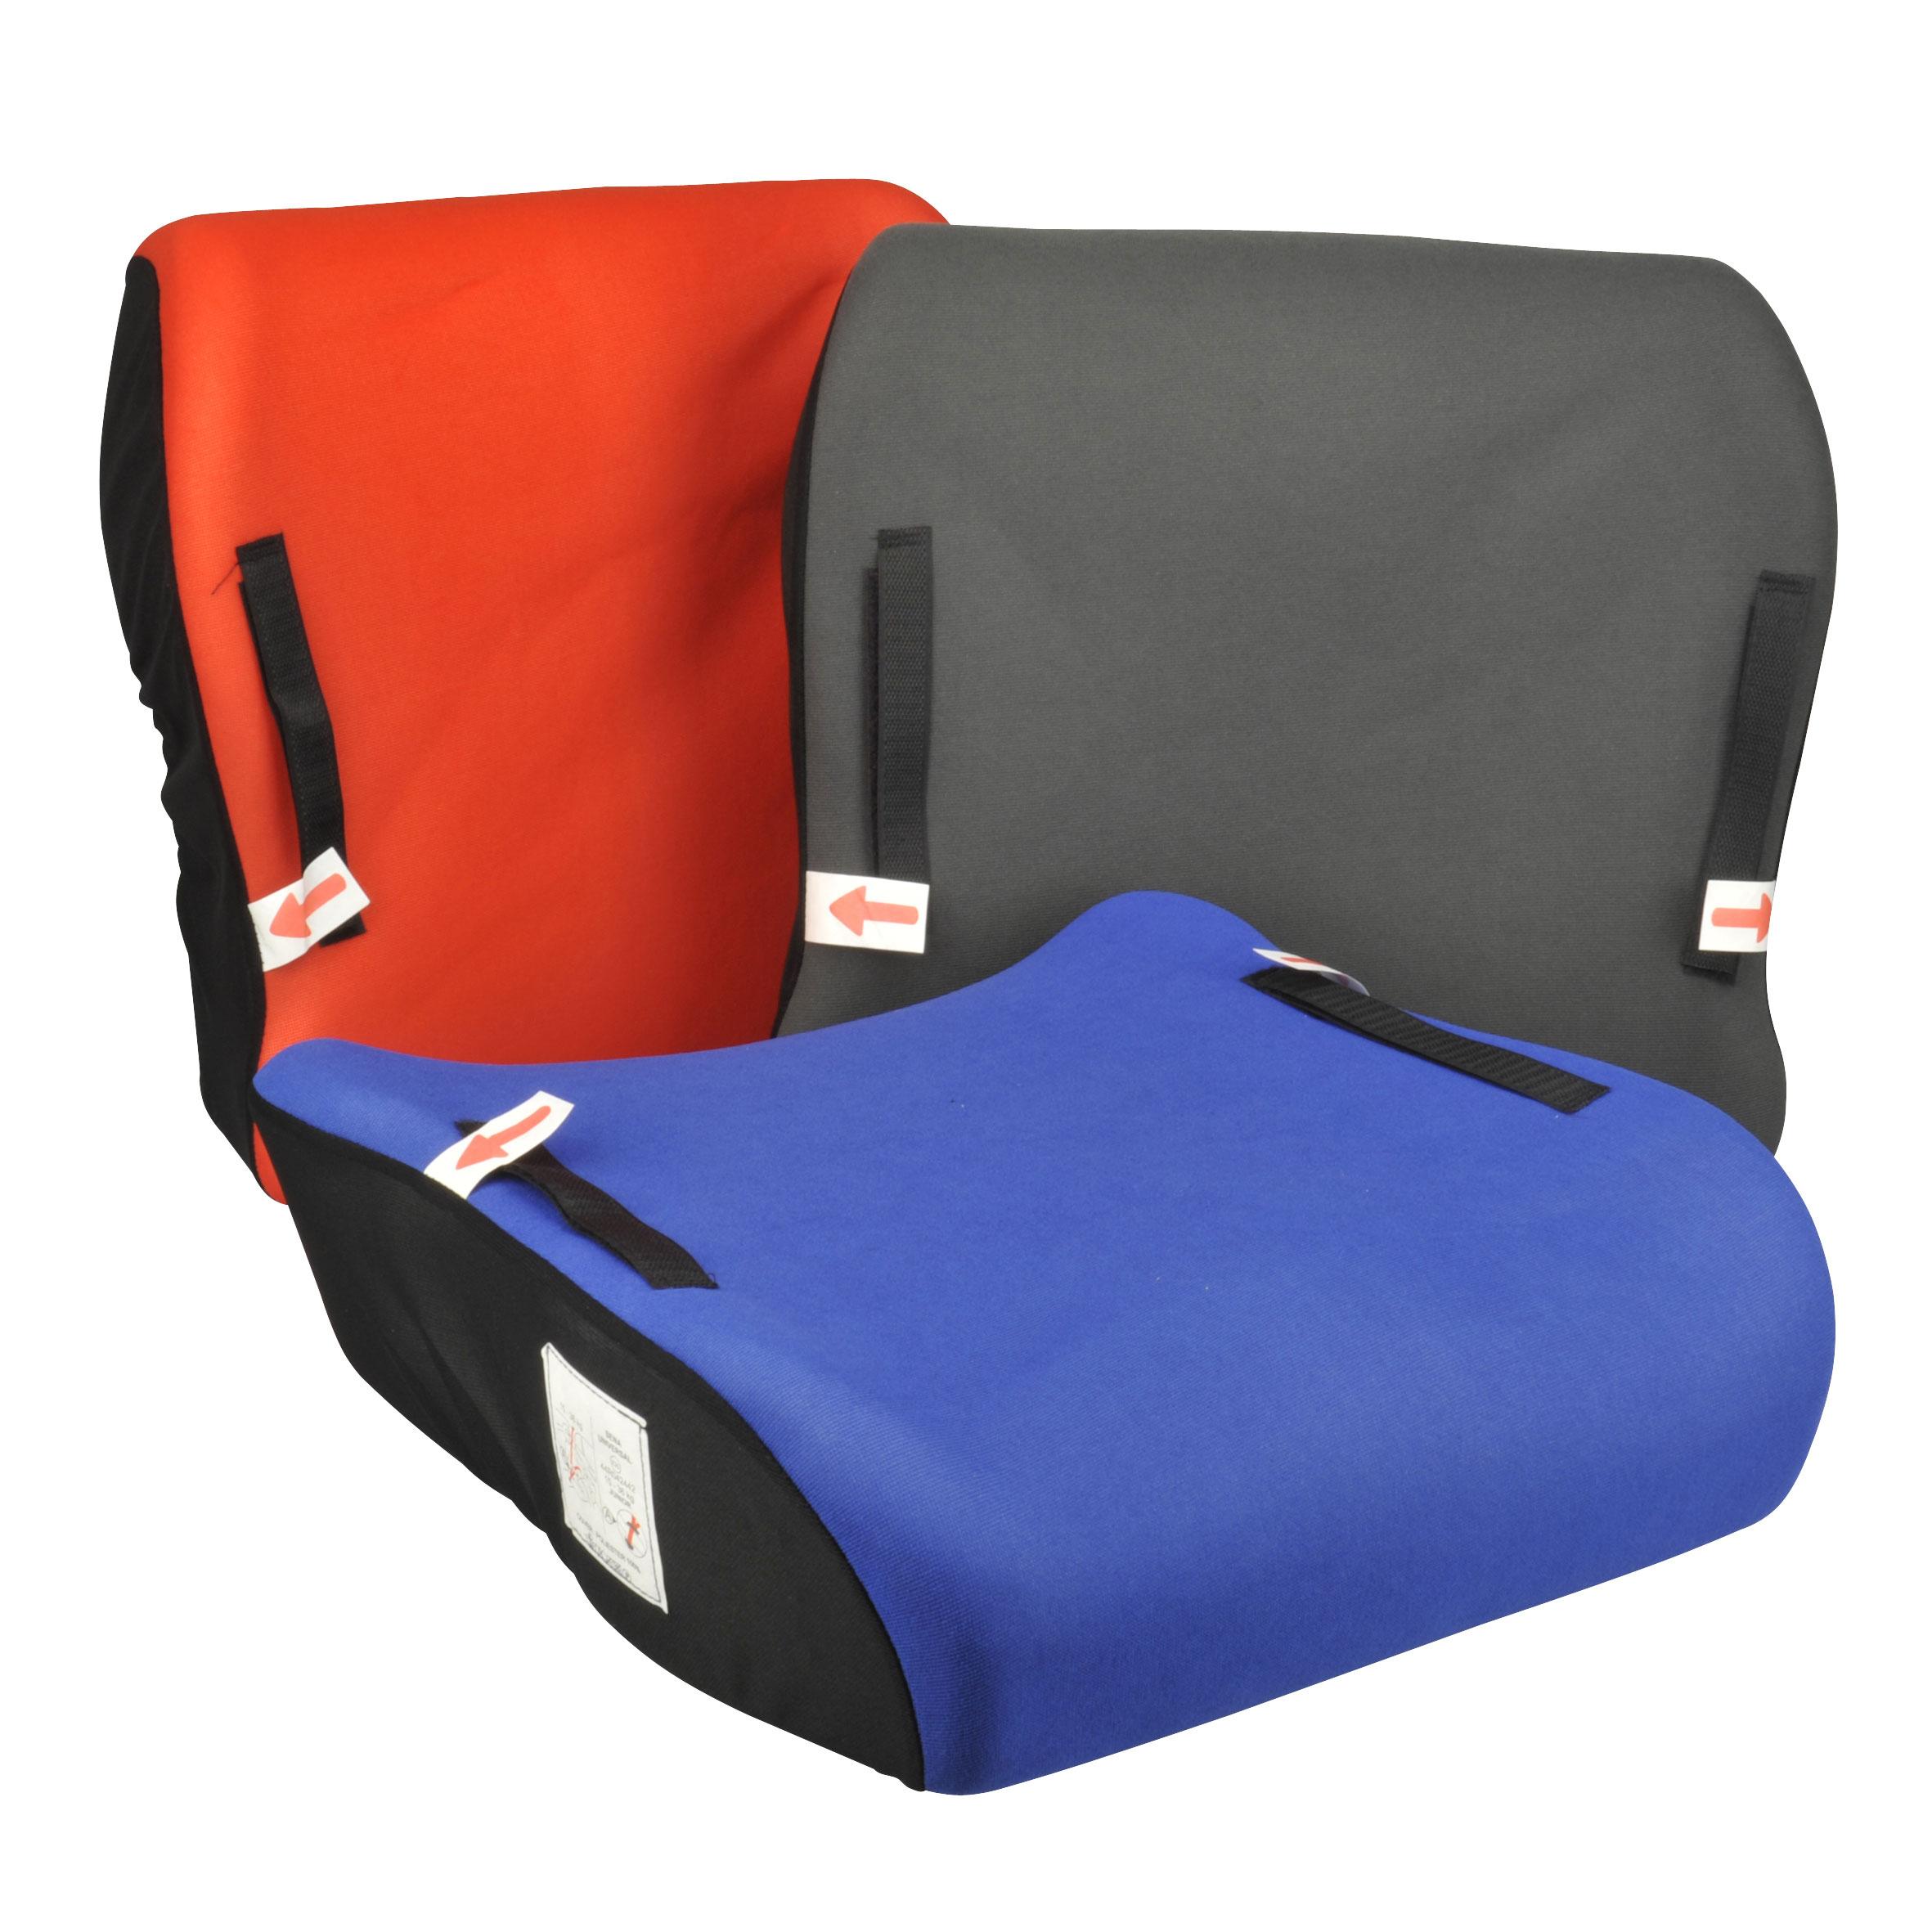 Unitec Kindersitzkissen Junior 4-12 Jahre / 15-36kg farbig sortiert Bild 1